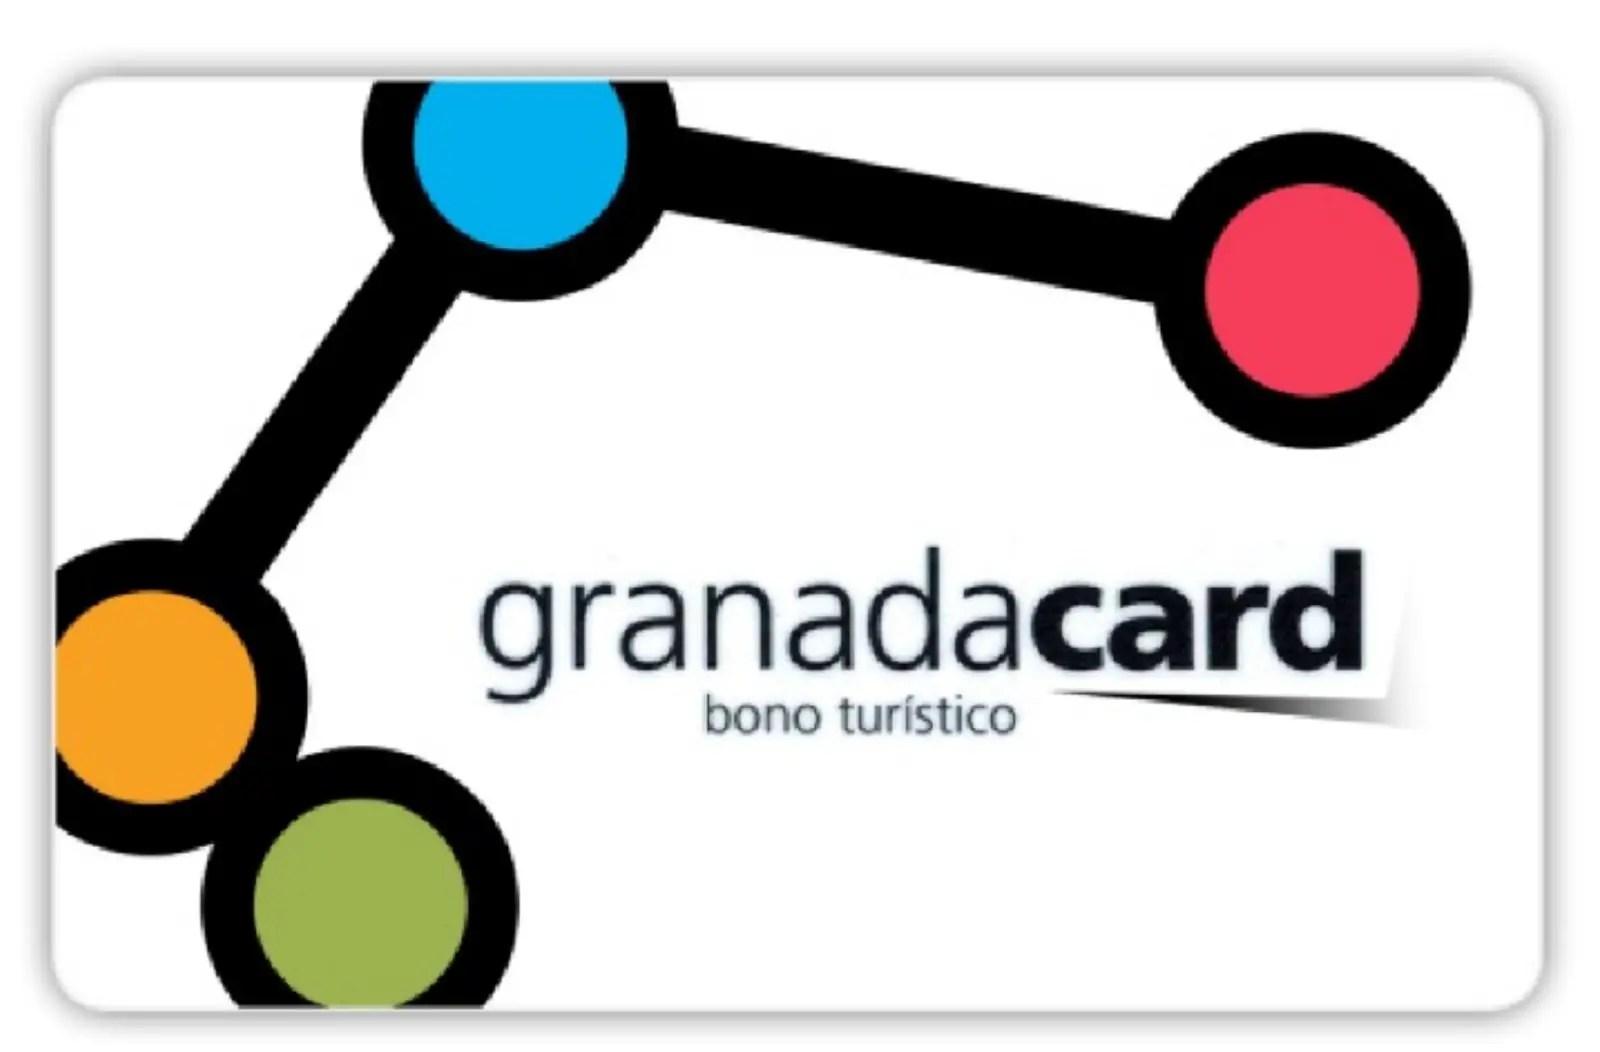 the-granada-card